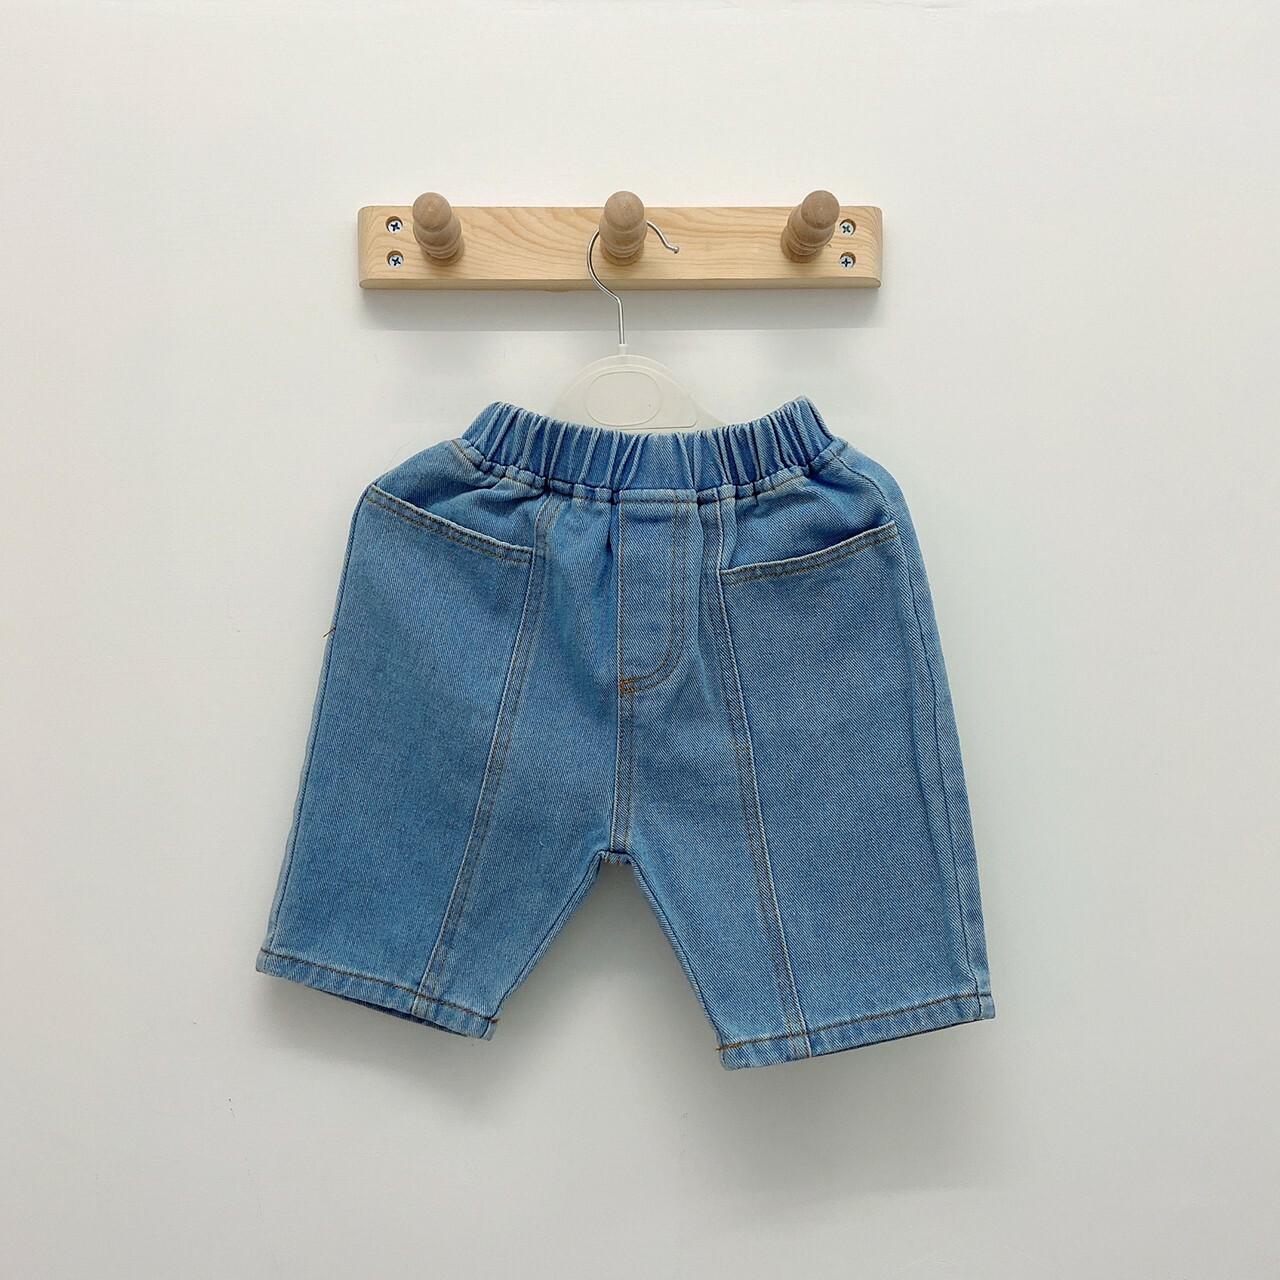 褲裙短 五~七分褲_210803_27.jpg